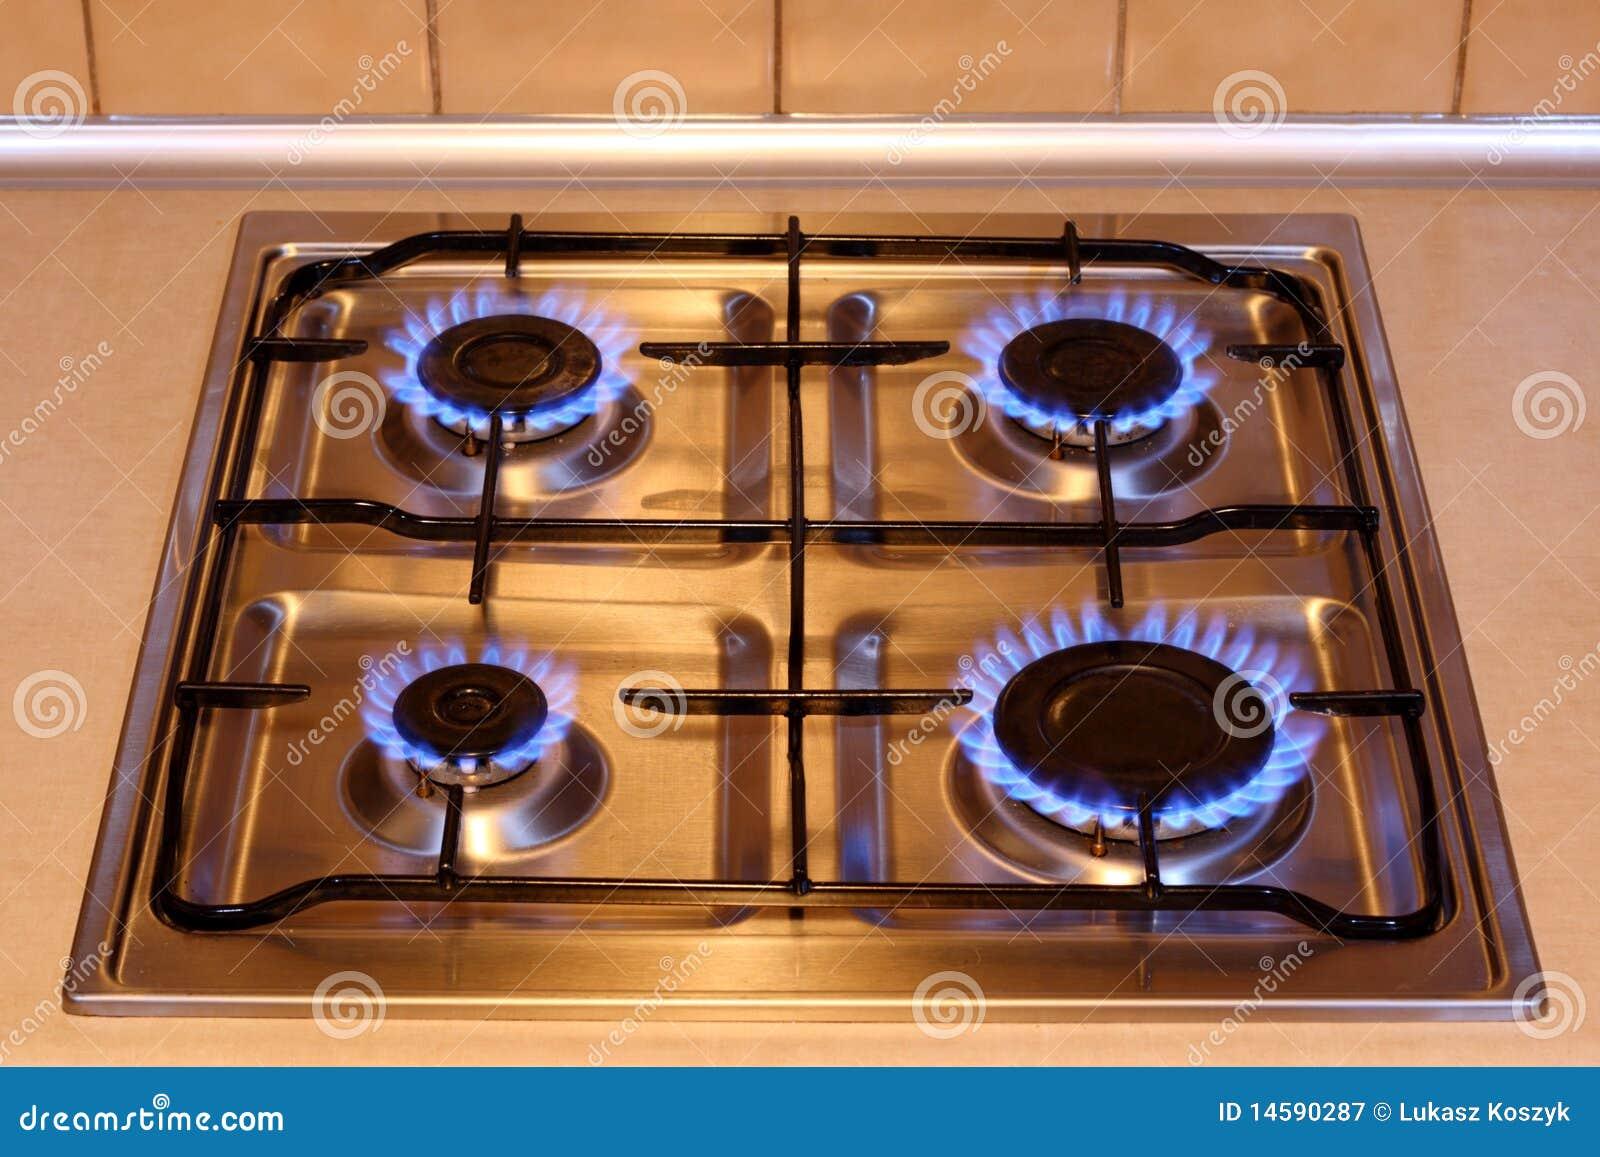 Estufa de gas de la cocina con las llamas del fuego for Estufas de cocina de gas